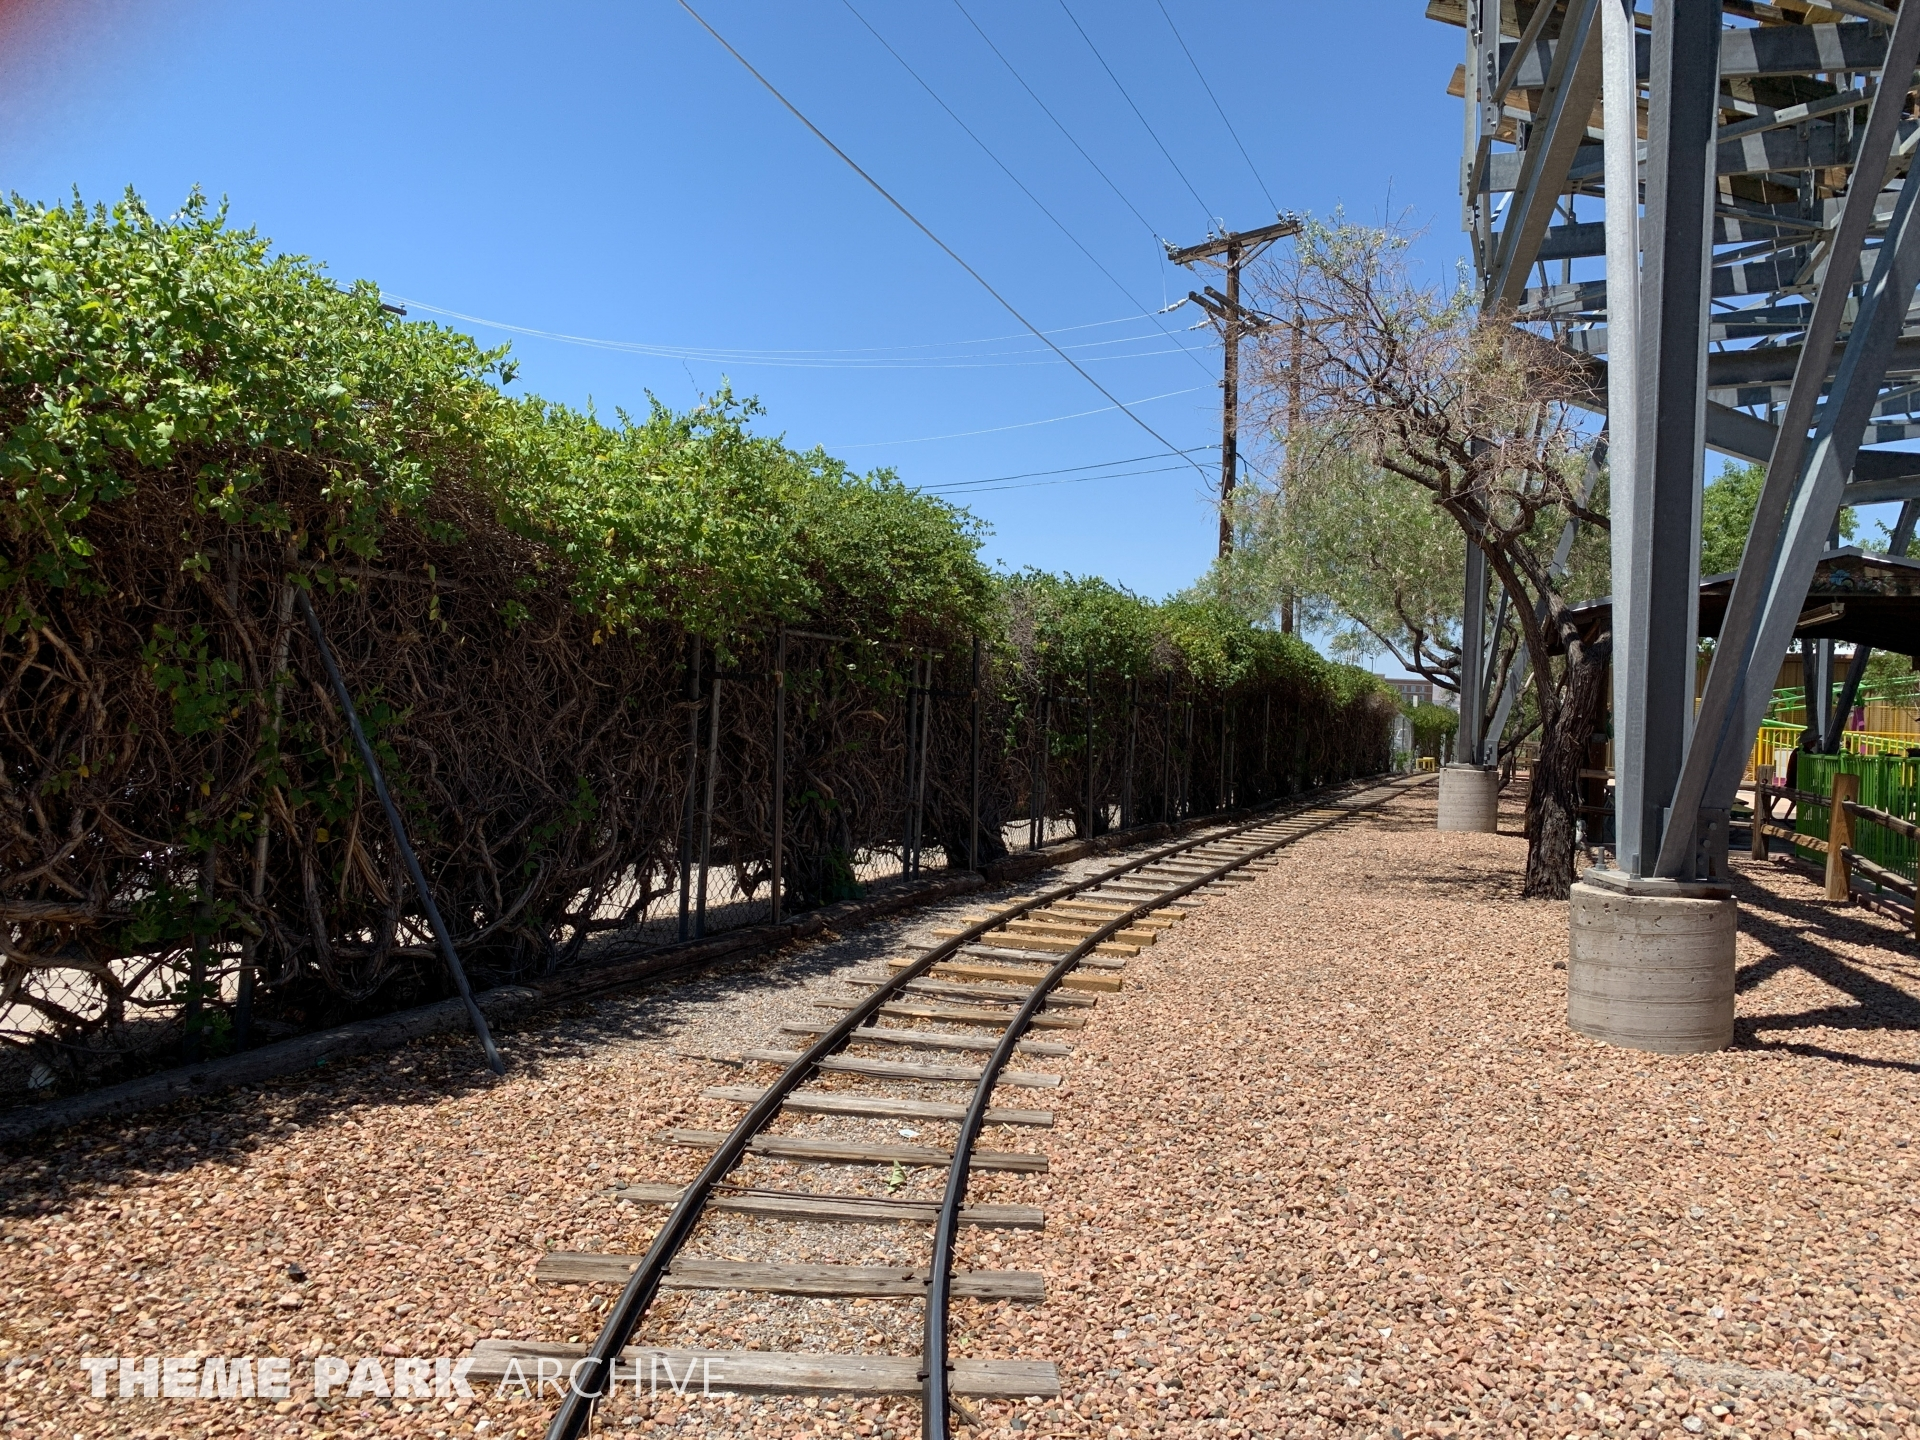 Train at Cliff's Amusement Park